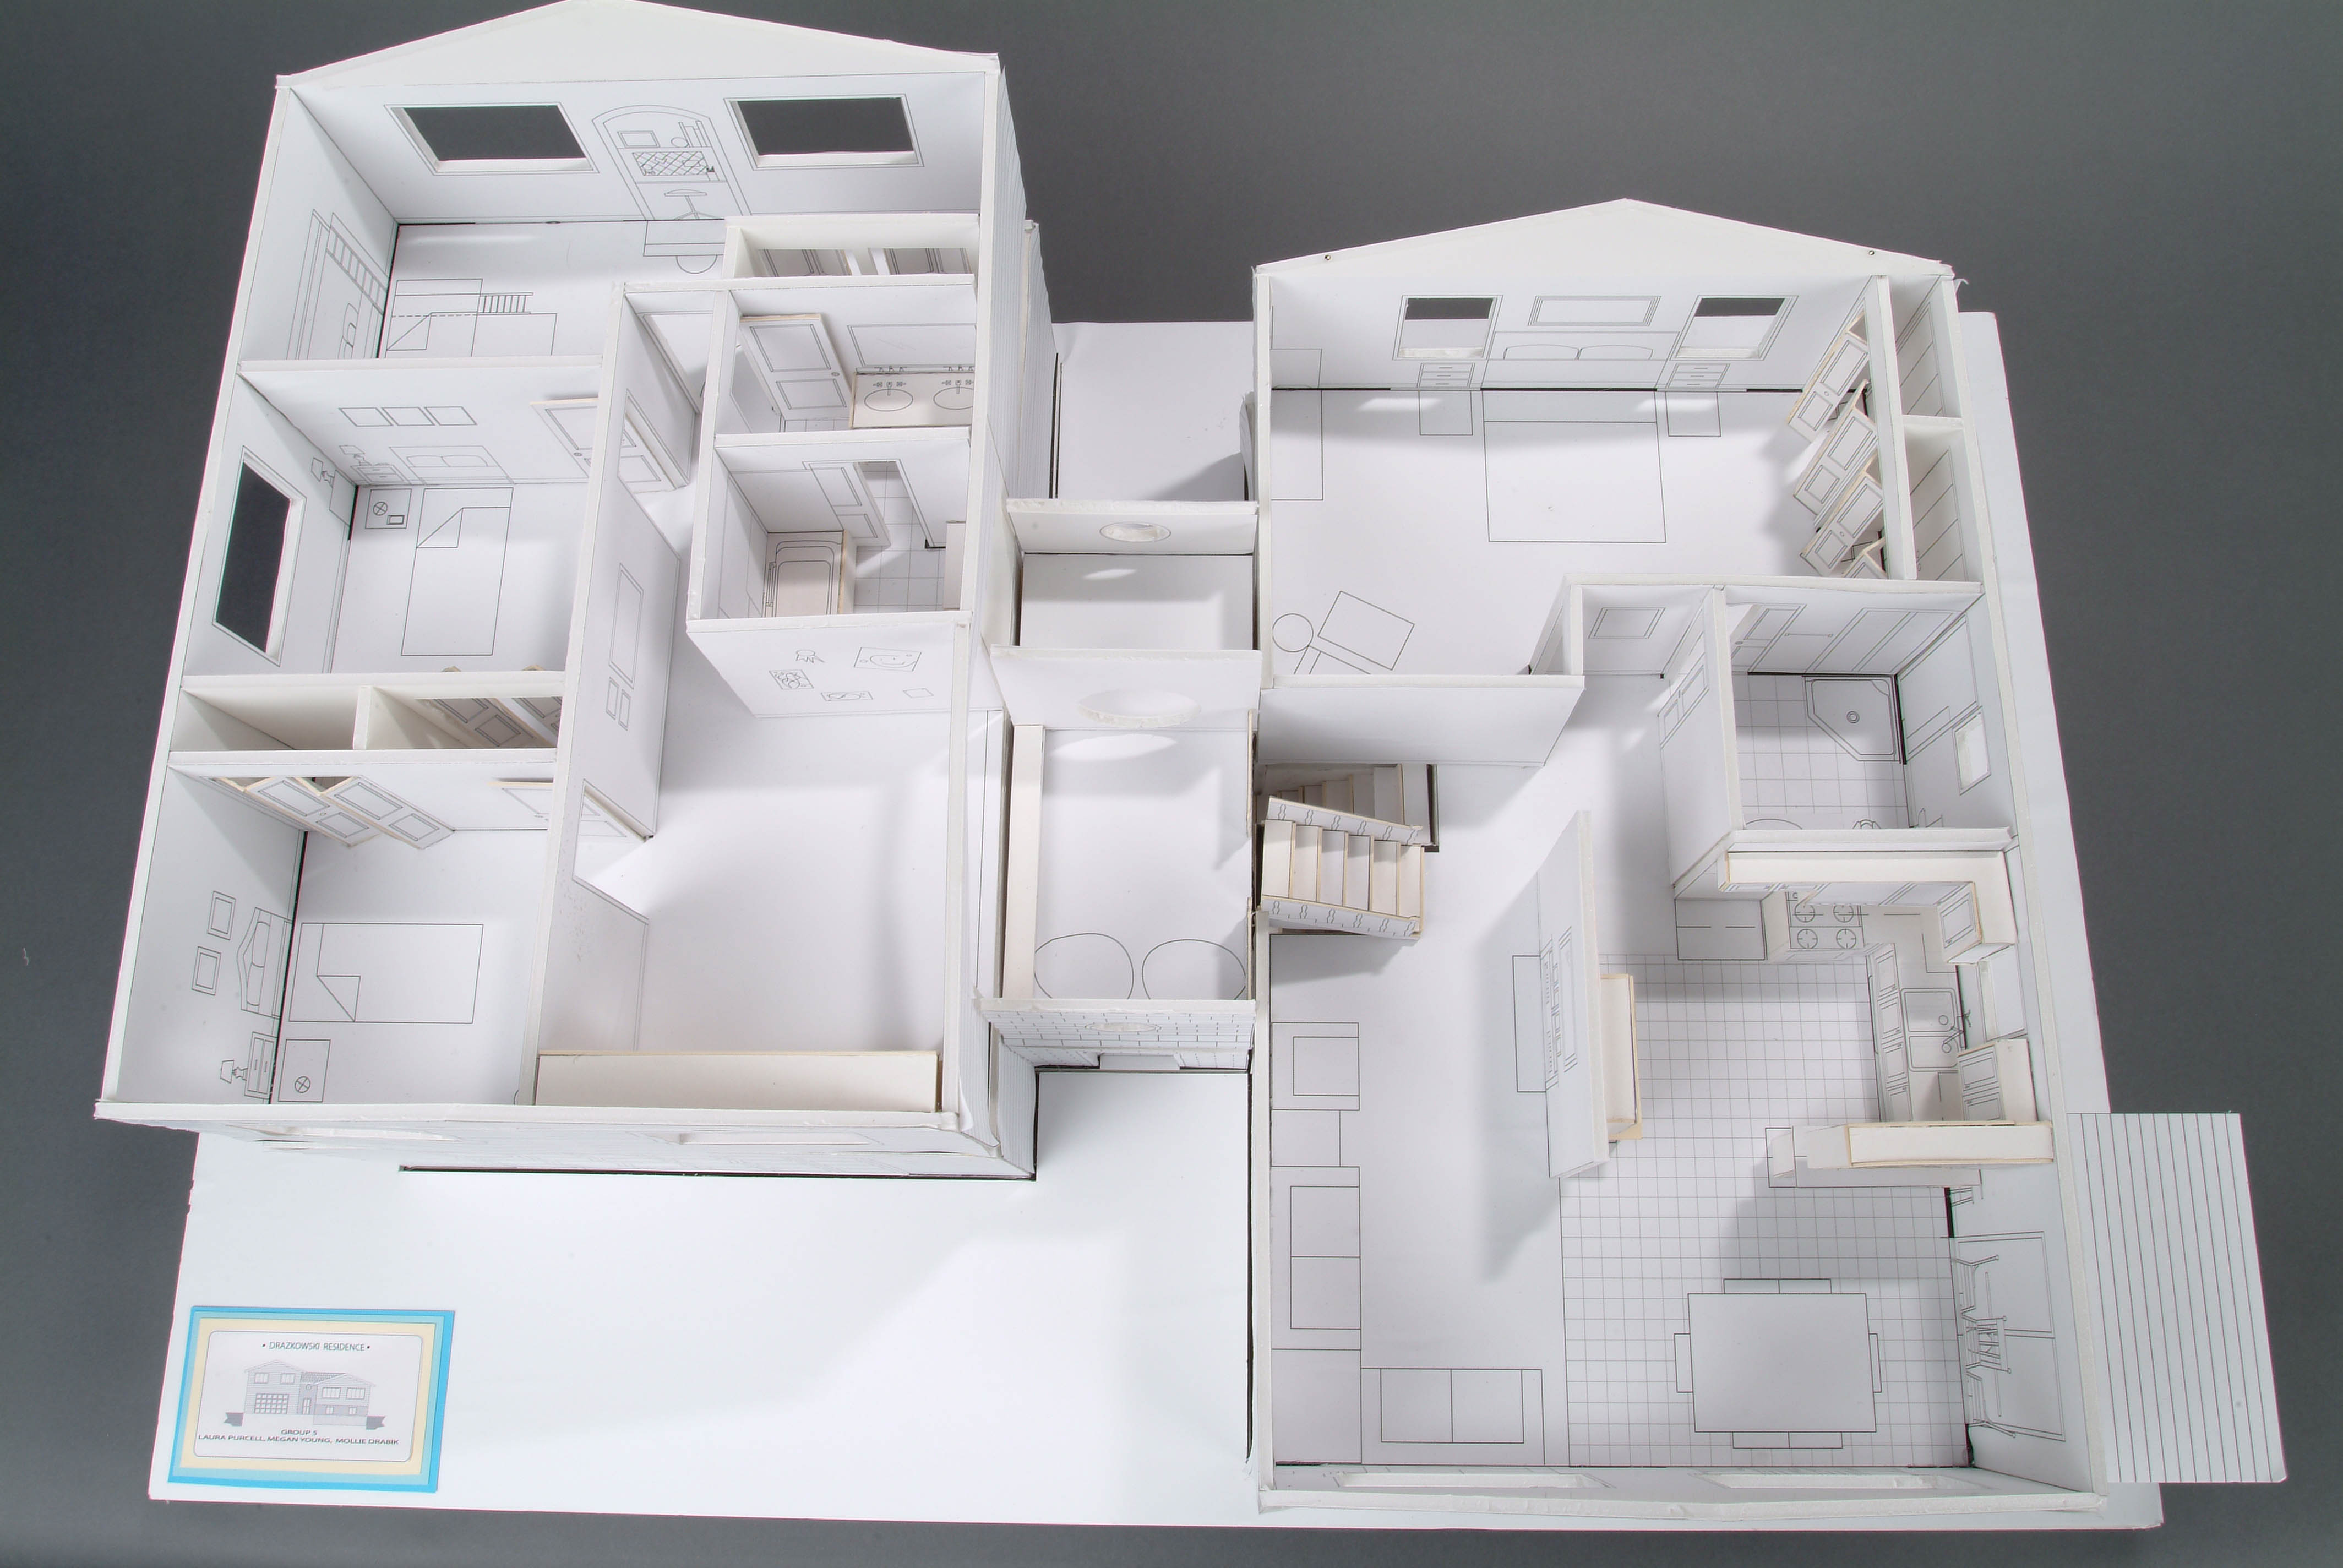 Foam core house model